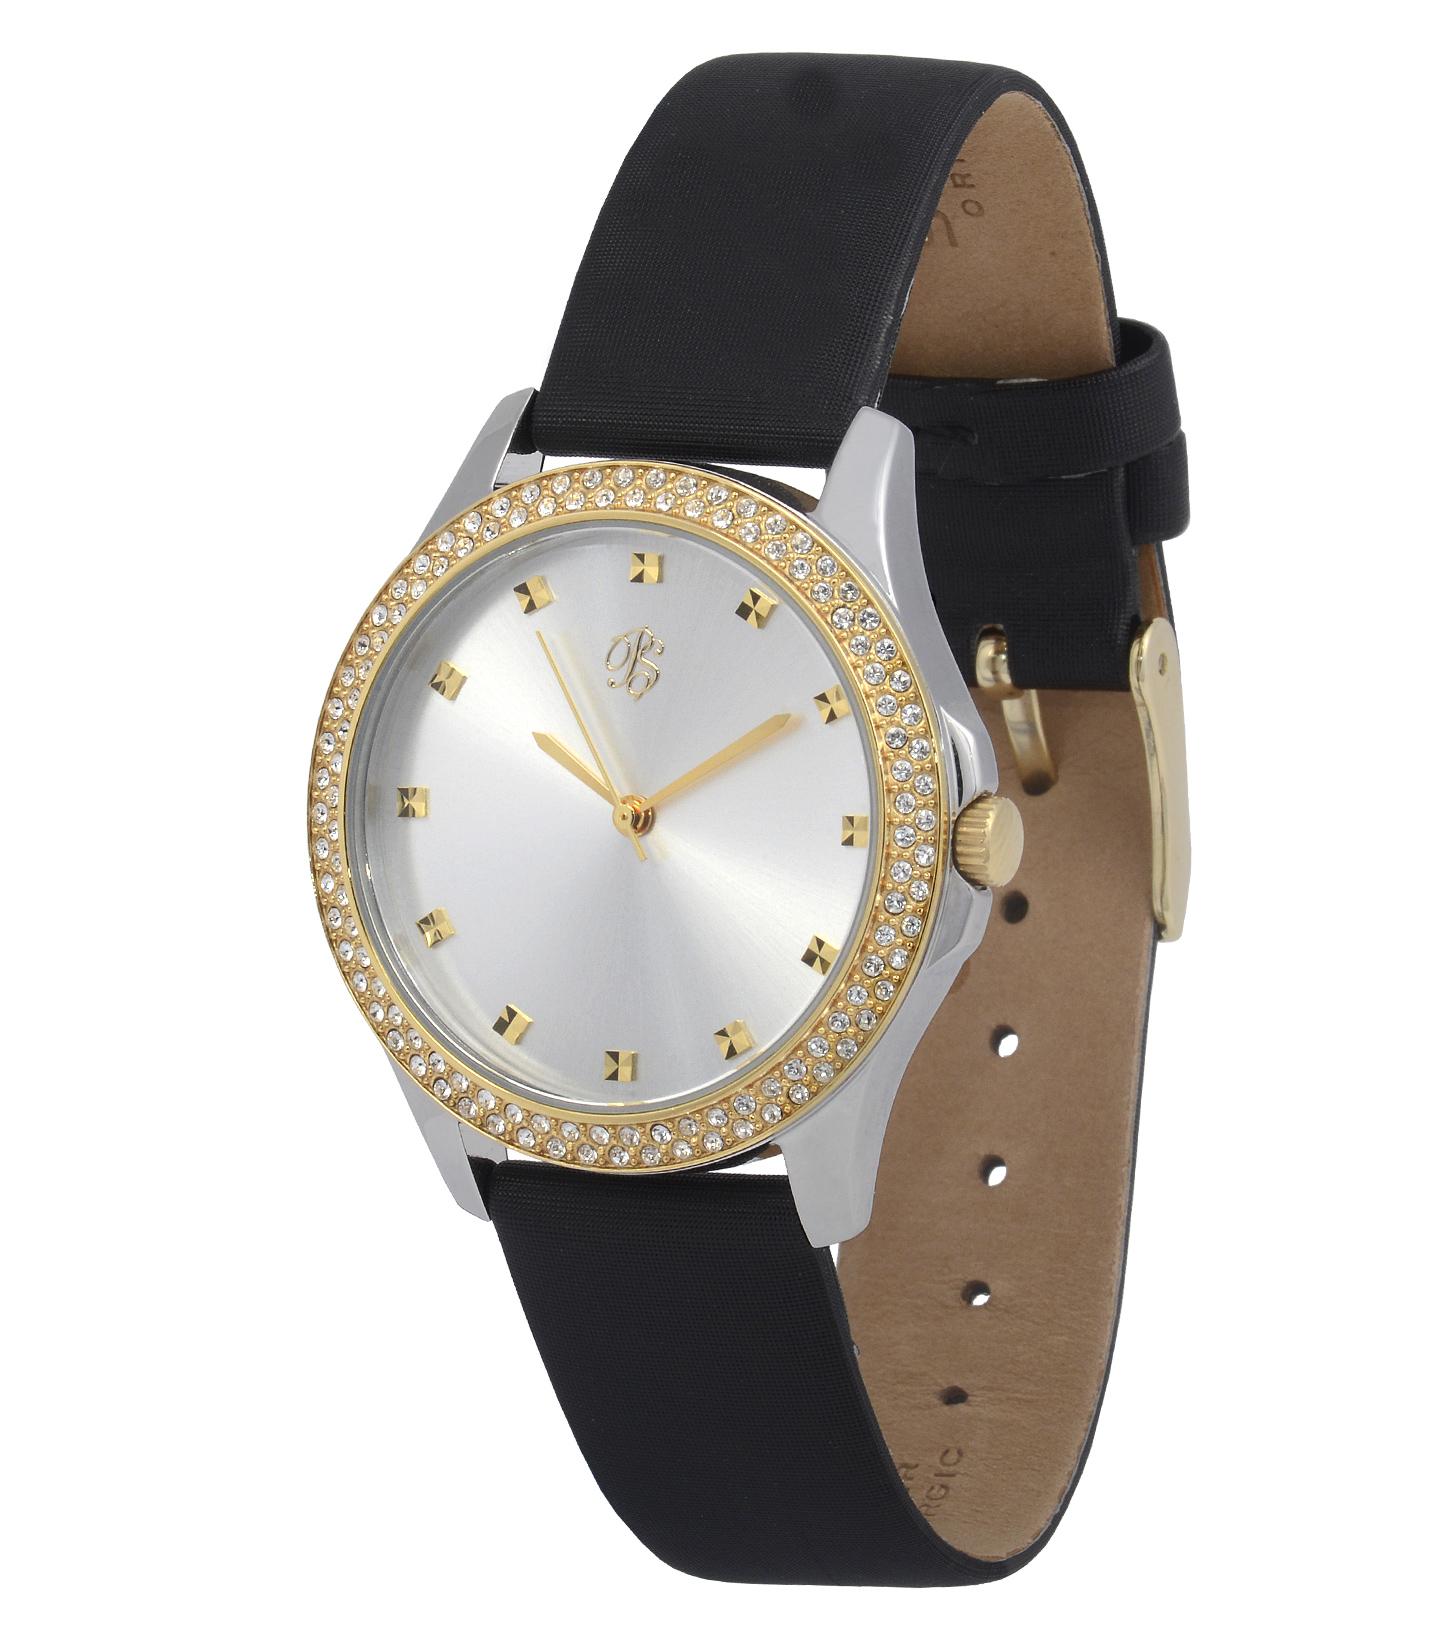 Женские наручные часы можно с лёгкостью выбрать в интернет-магазине time code.